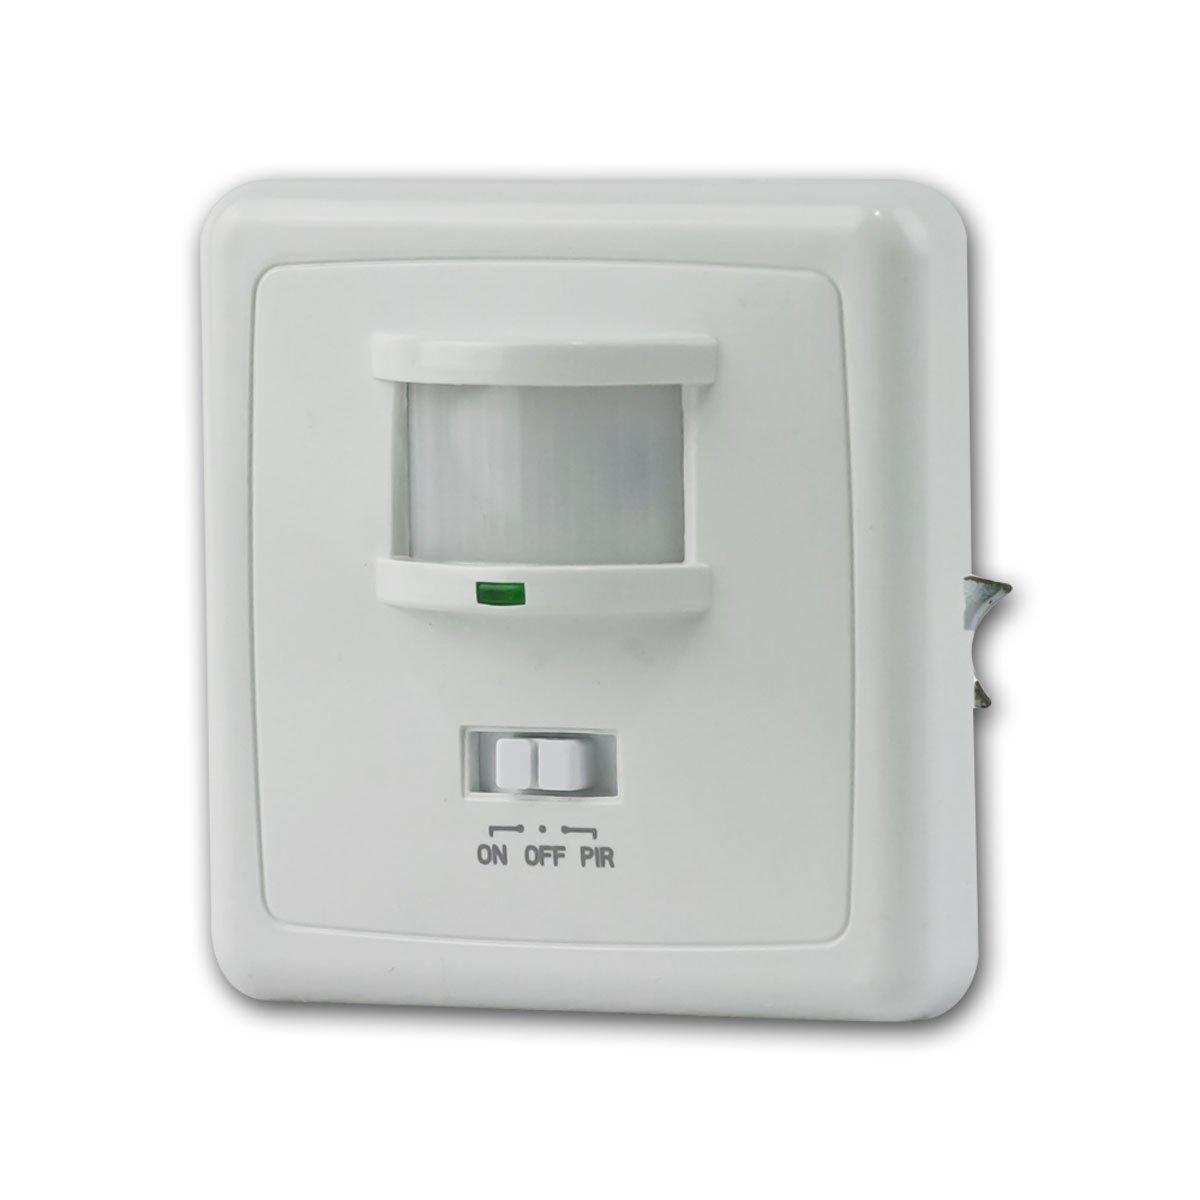 Unterputz PIR-Bewegungsmelder 160° LED geeignet, 3-Draht Technik, weiß Chilitec 21250